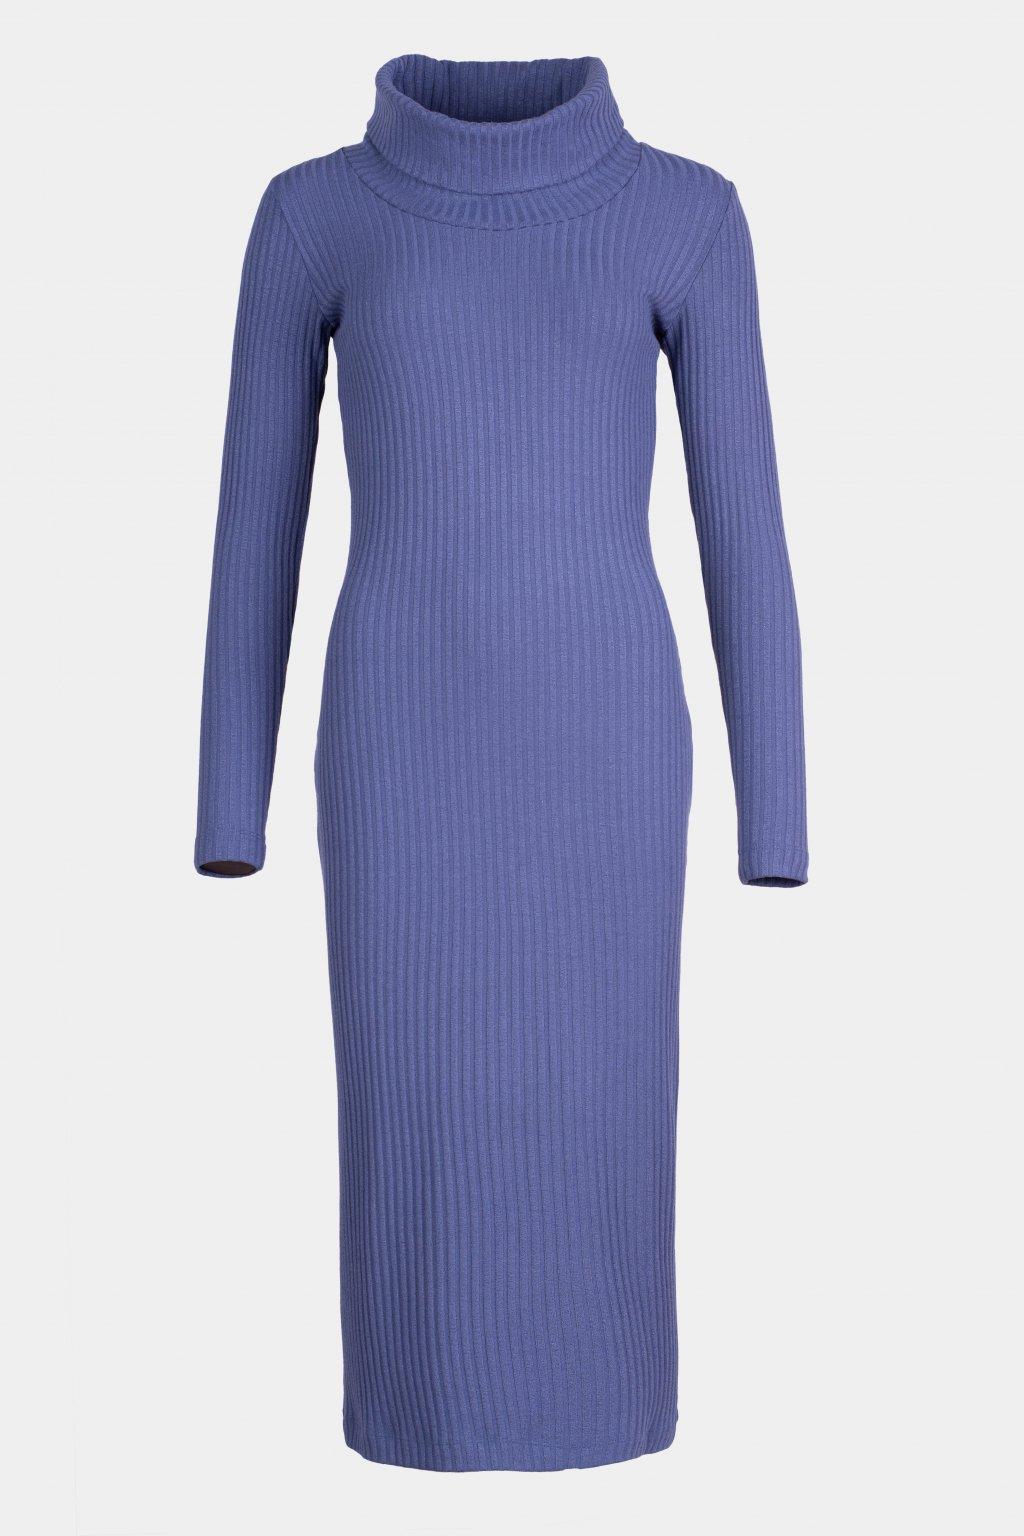 Šaty modré 23126